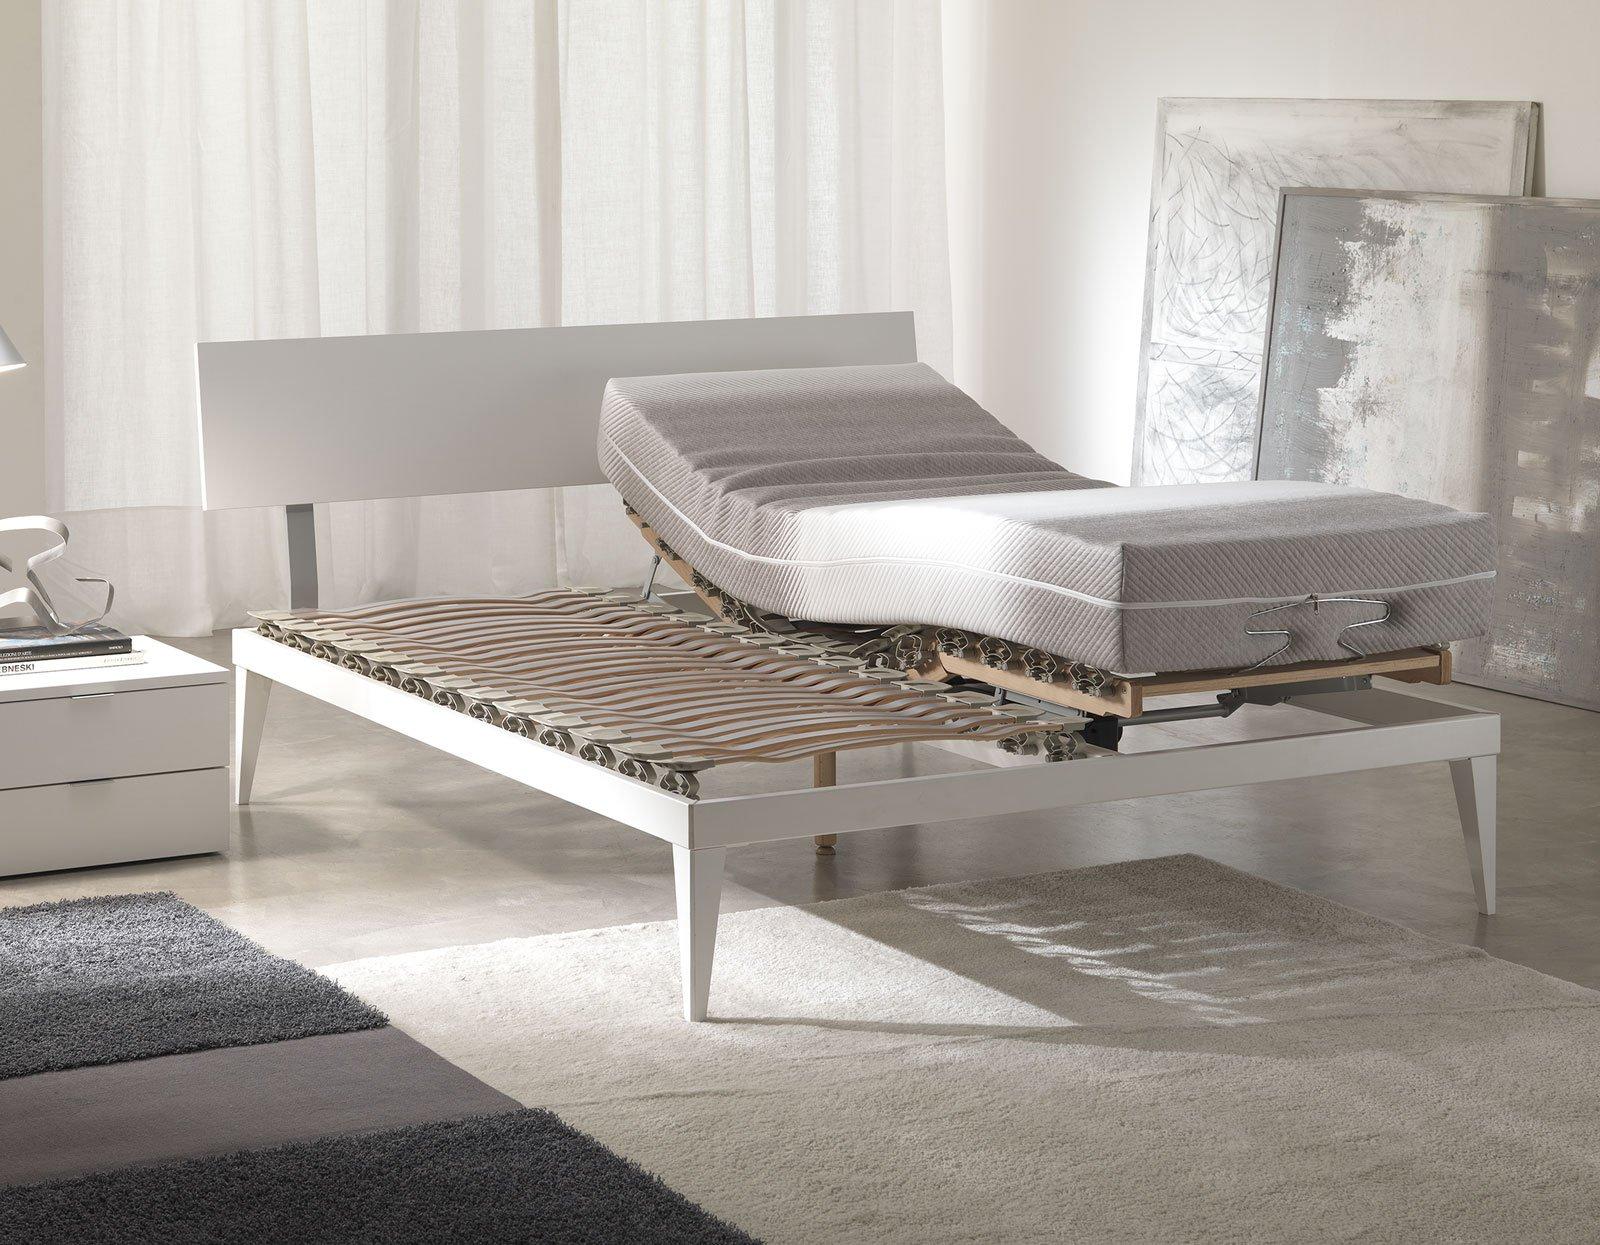 Reti Da Letto Alzabili : Reti da letto a doghe simple materassi cuscini e reti da letto